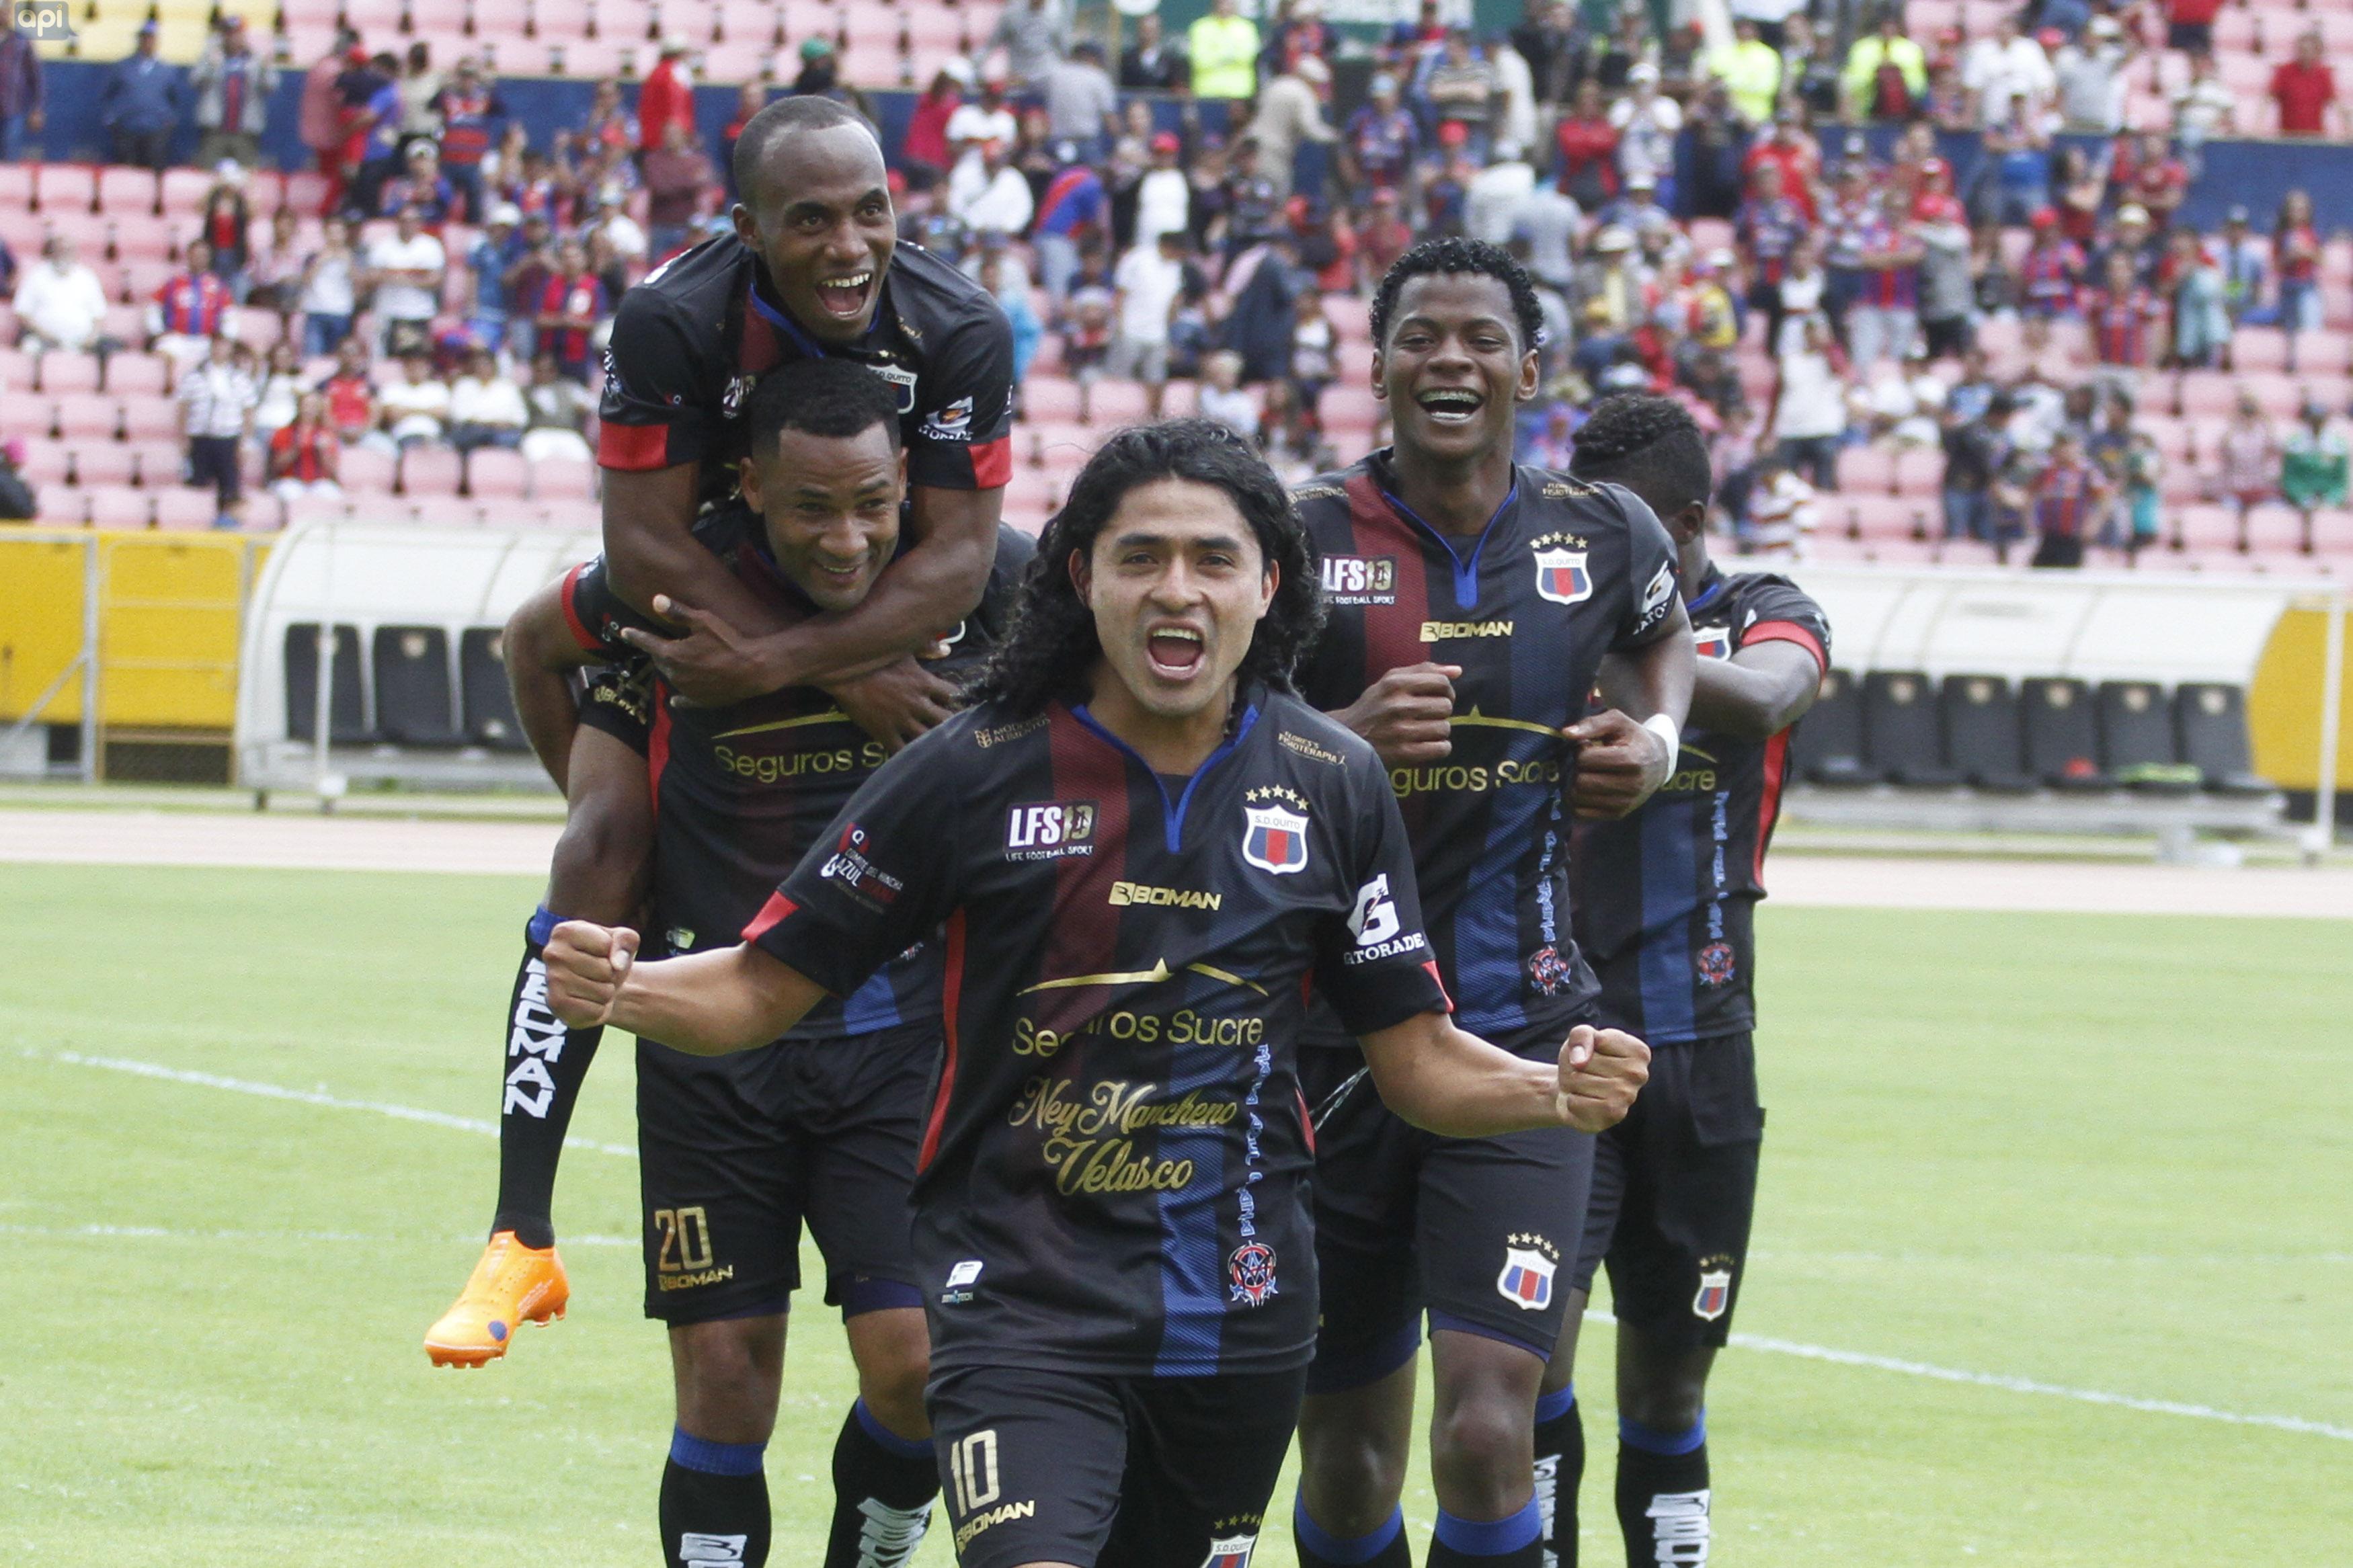 Pese a que Deportivo Quito descendió a la Amateur, su presidente menciona que el equipo buscará el ascenso en la cancha